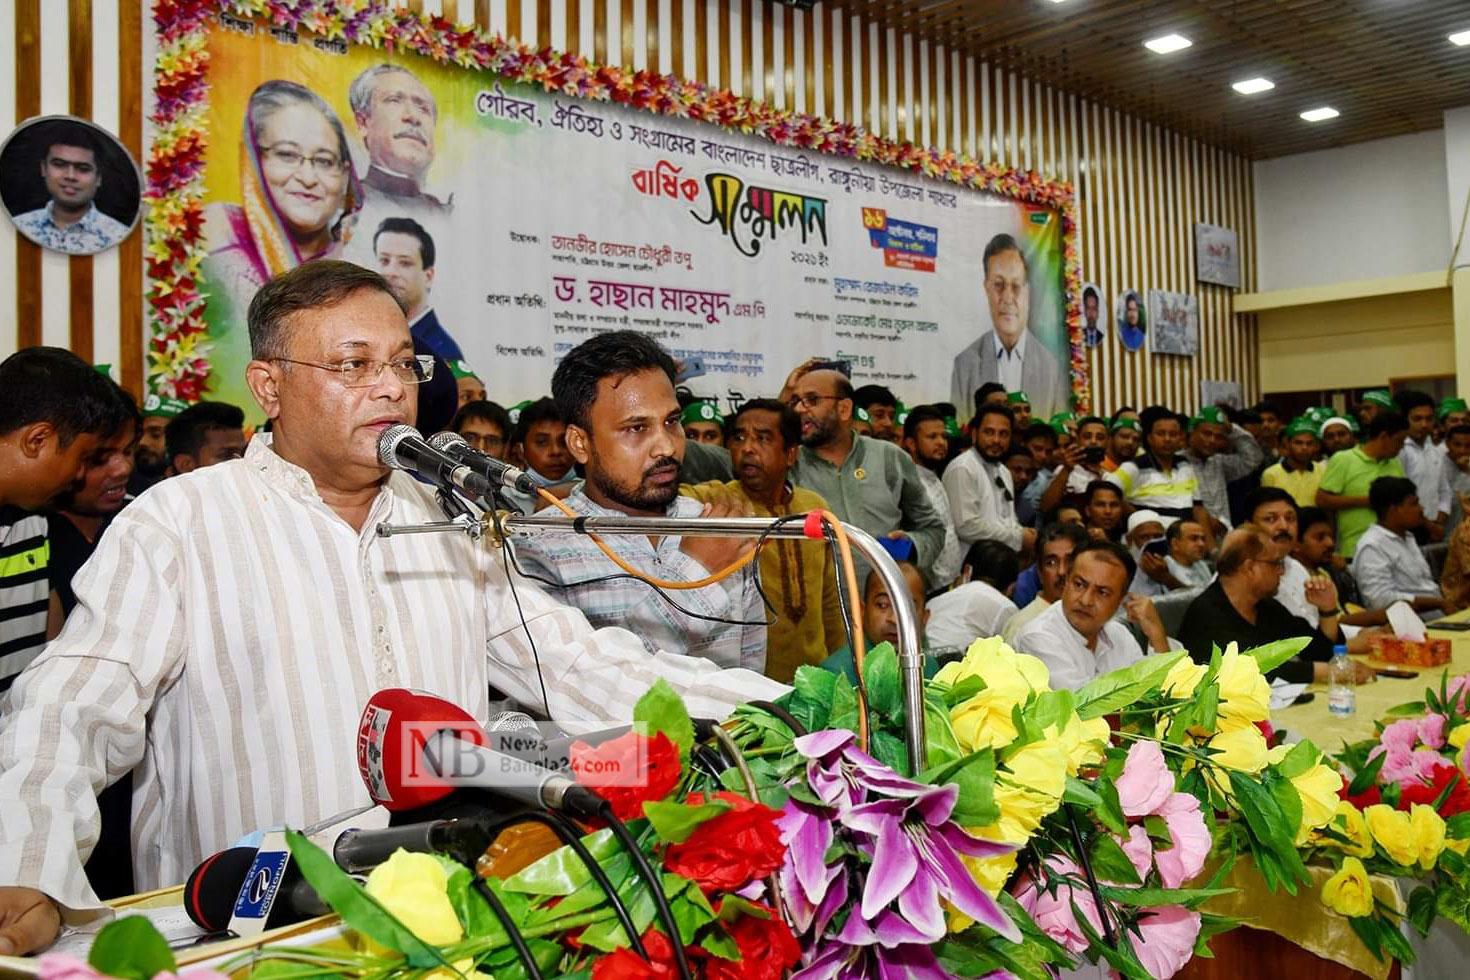 কুমিল্লার ঘটনা নিয়ে উসকানিতে বিএনপি-জামায়াত: তথ্যমন্ত্রী